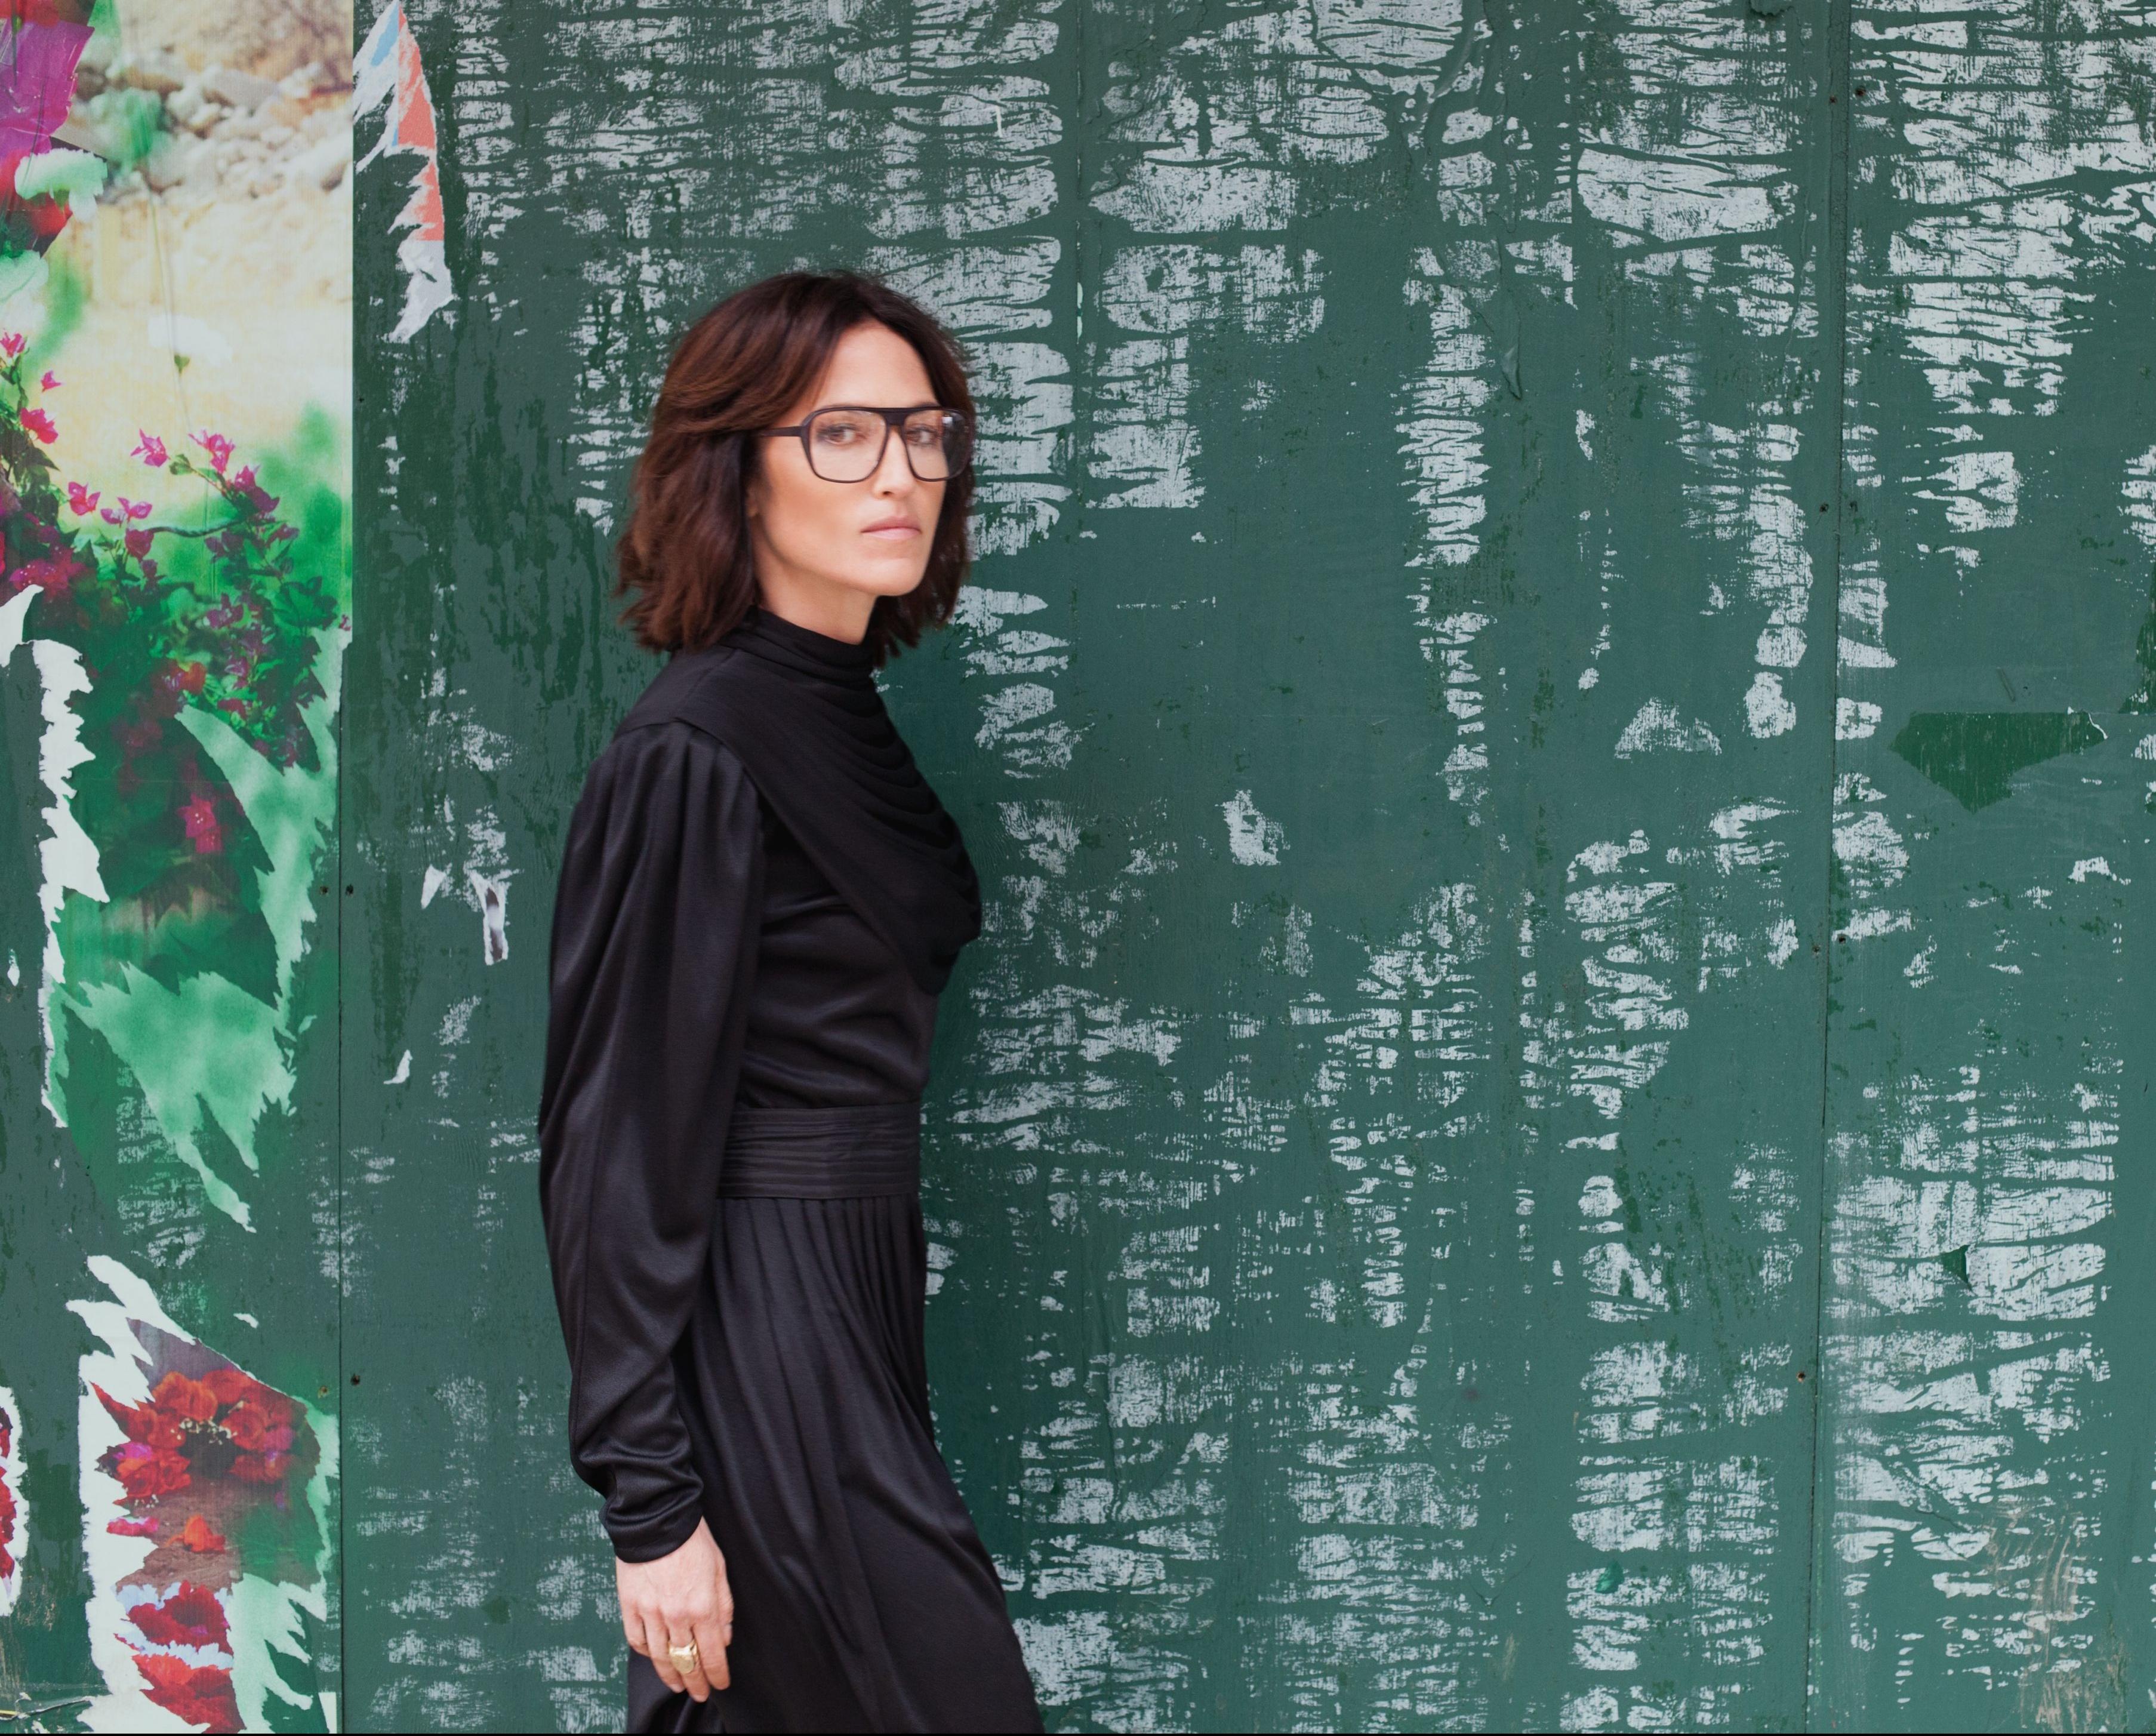 Joan Orenstein nude photos 2019